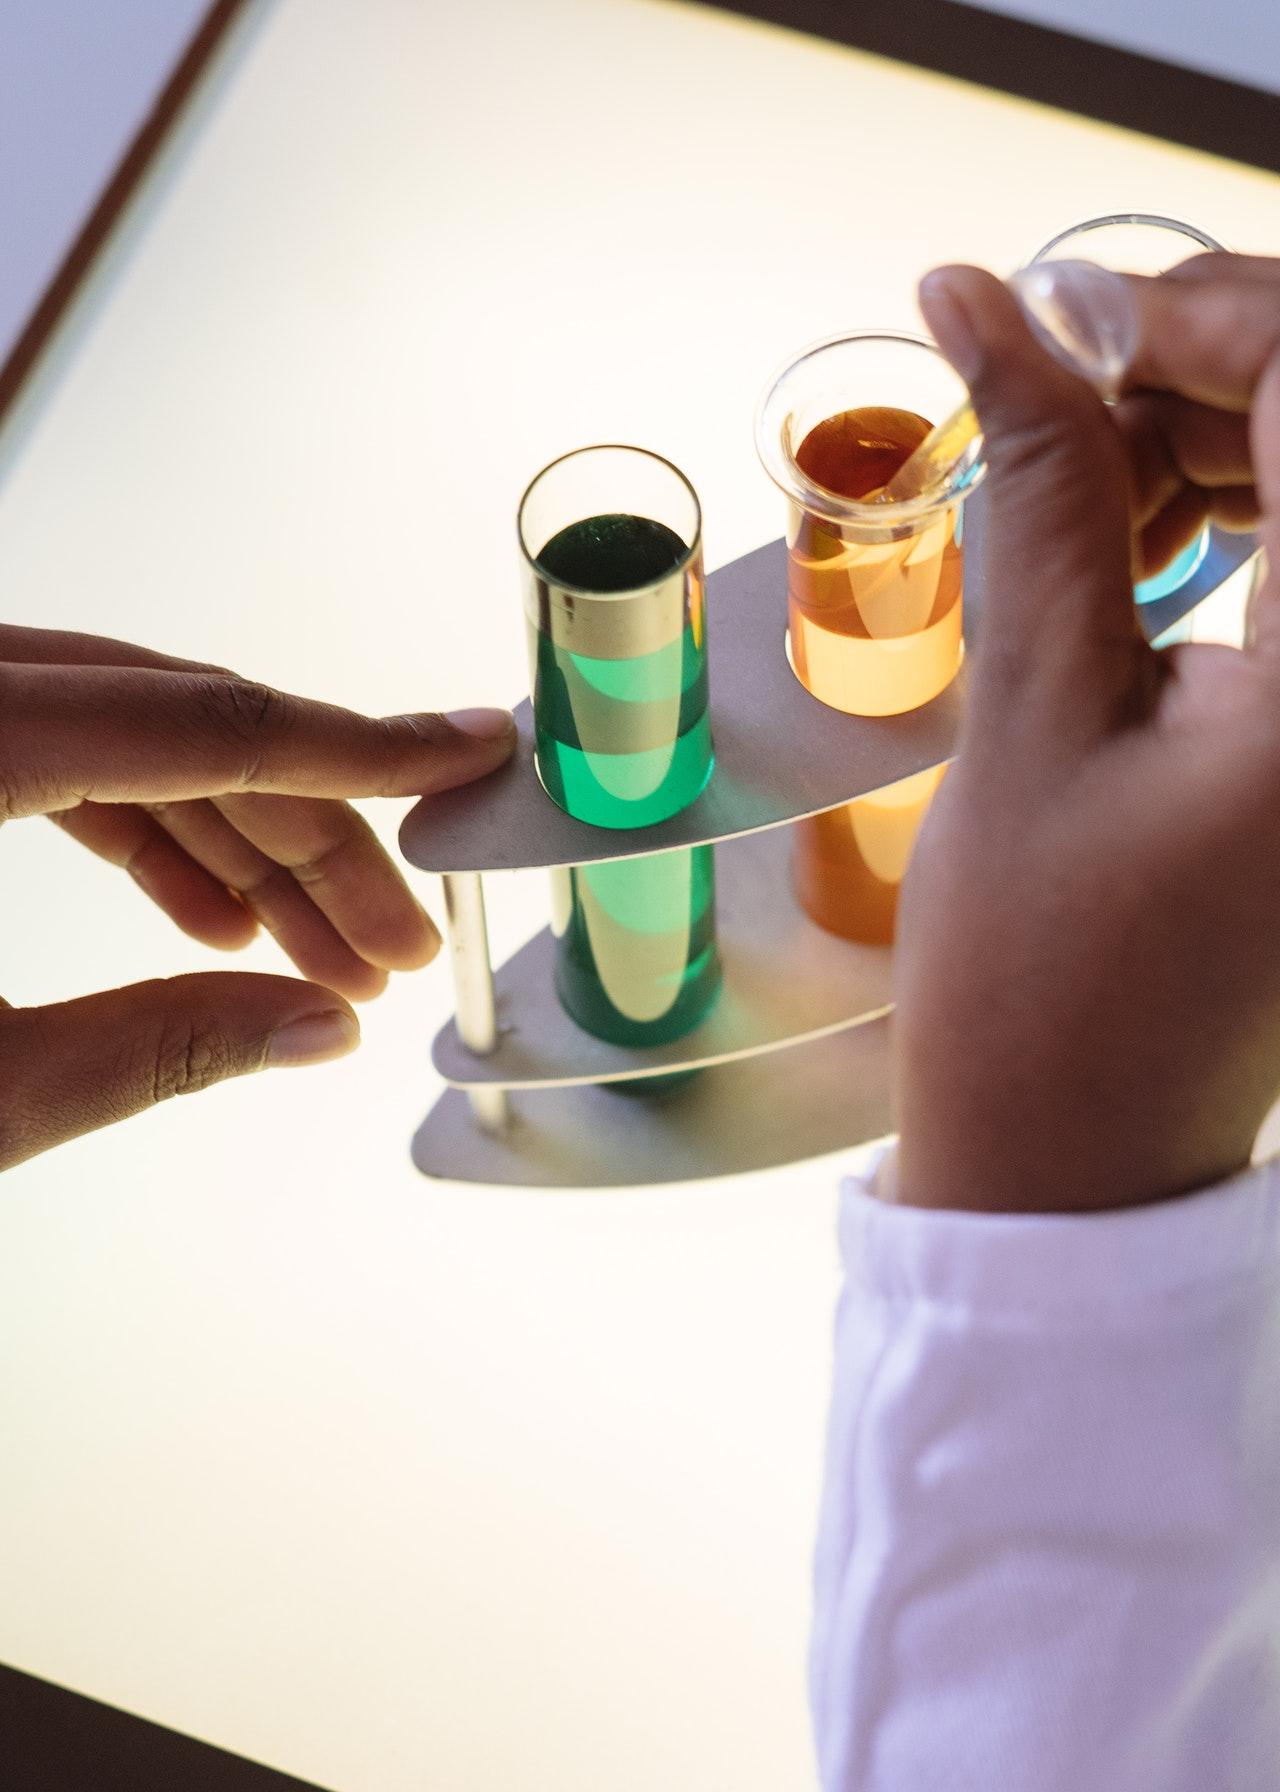 laor-laboratorija-proizvodi-uslugi